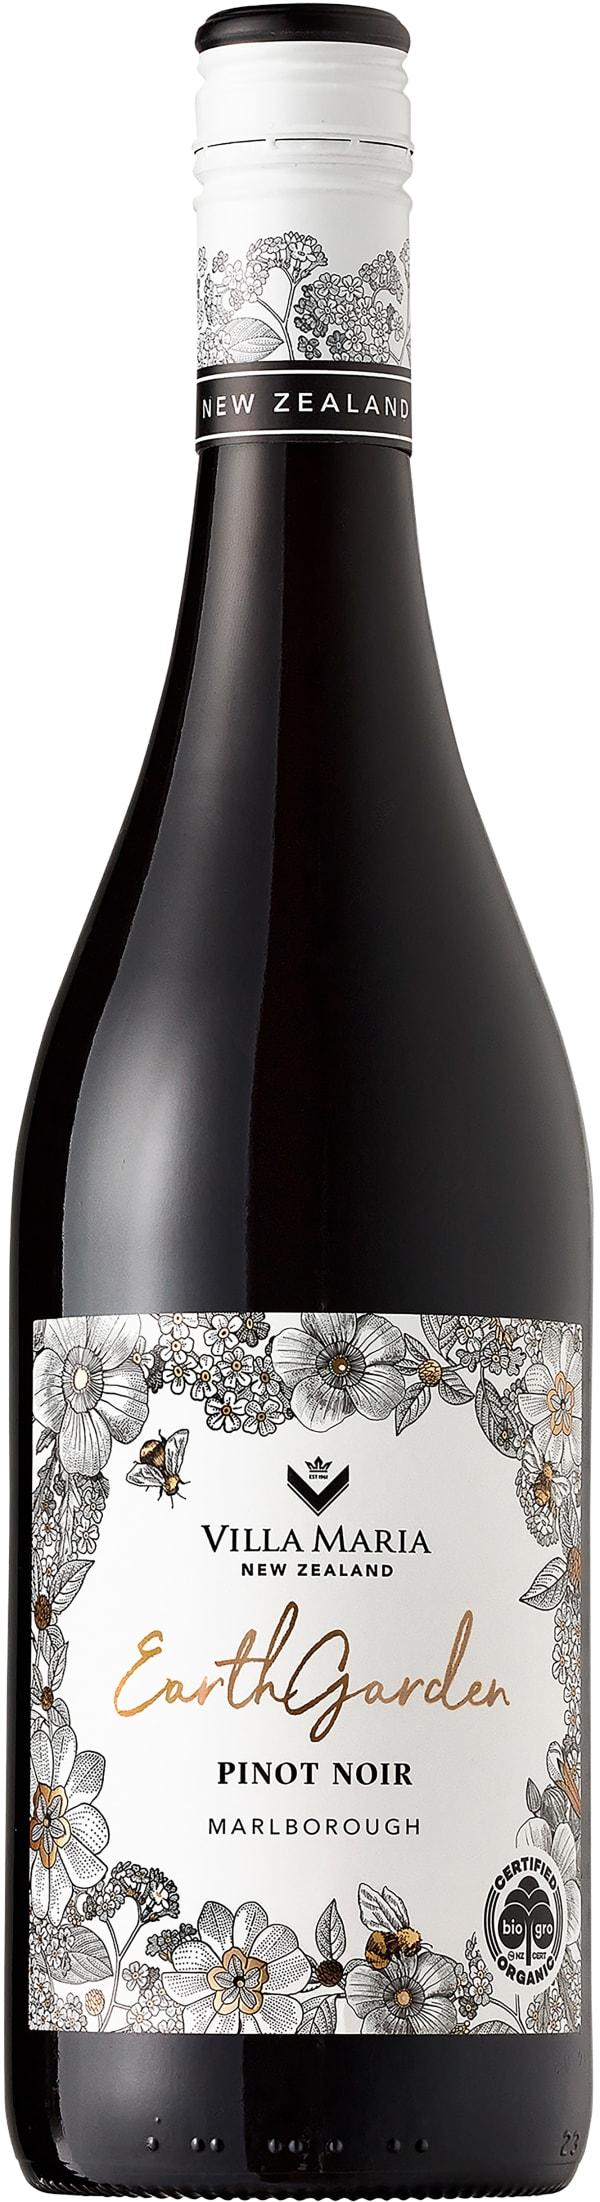 Villa Maria Cellar Selection Pinot Noir 2015